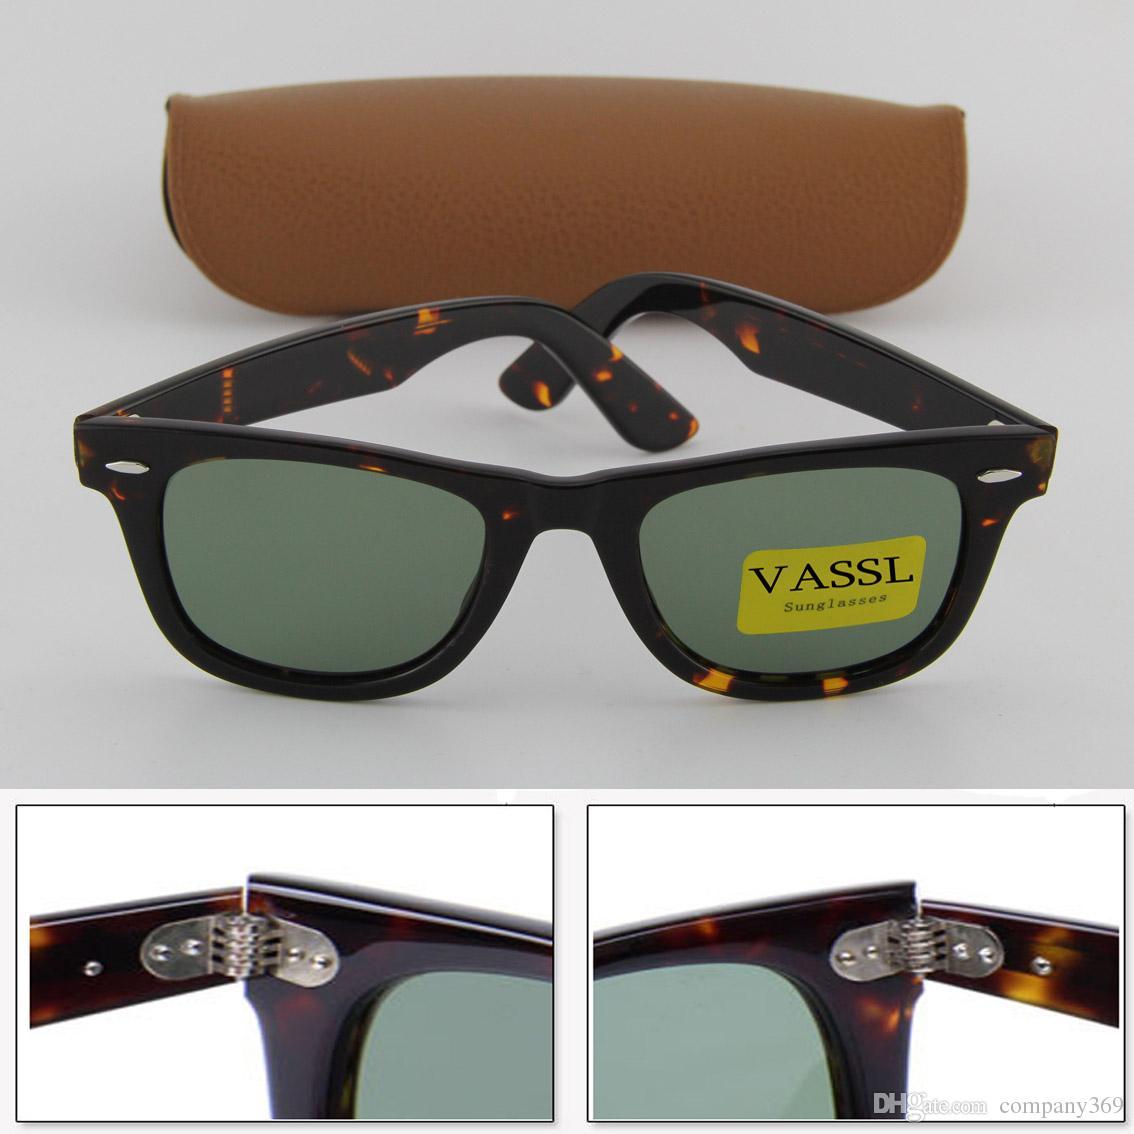 99408b29e4d433 Vassl Brand New Women Sunglasses Style Tortoise Frame Green Lens 50mm UV400  Glasses Wholesale Price For Brown Case Locs Sunglasses Suncloud Sunglasses  From ...